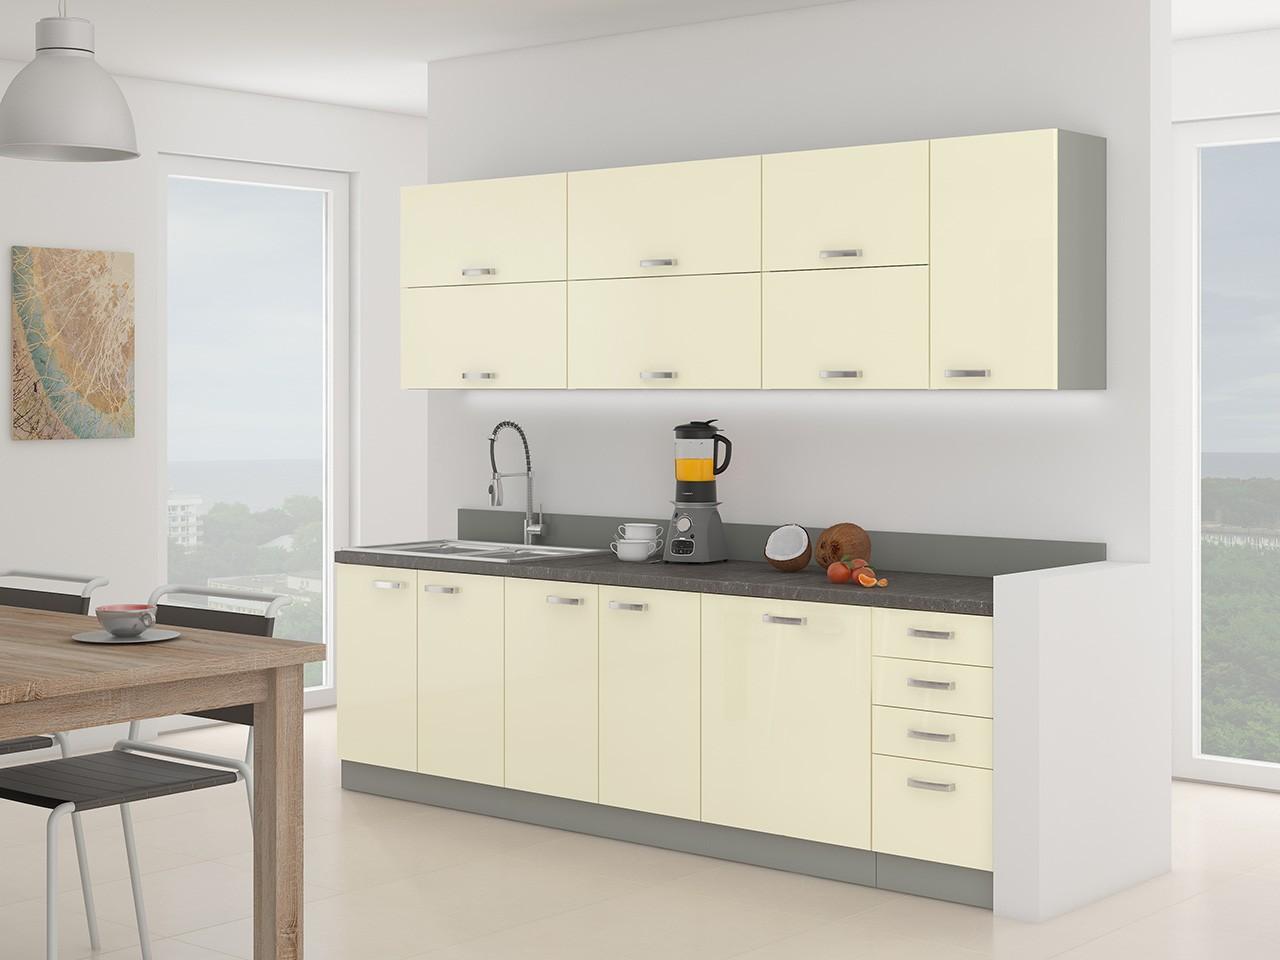 Full Size of Küchenmöbel Kchenmbel Muaroen Iv Moebel24 Wohnzimmer Küchenmöbel